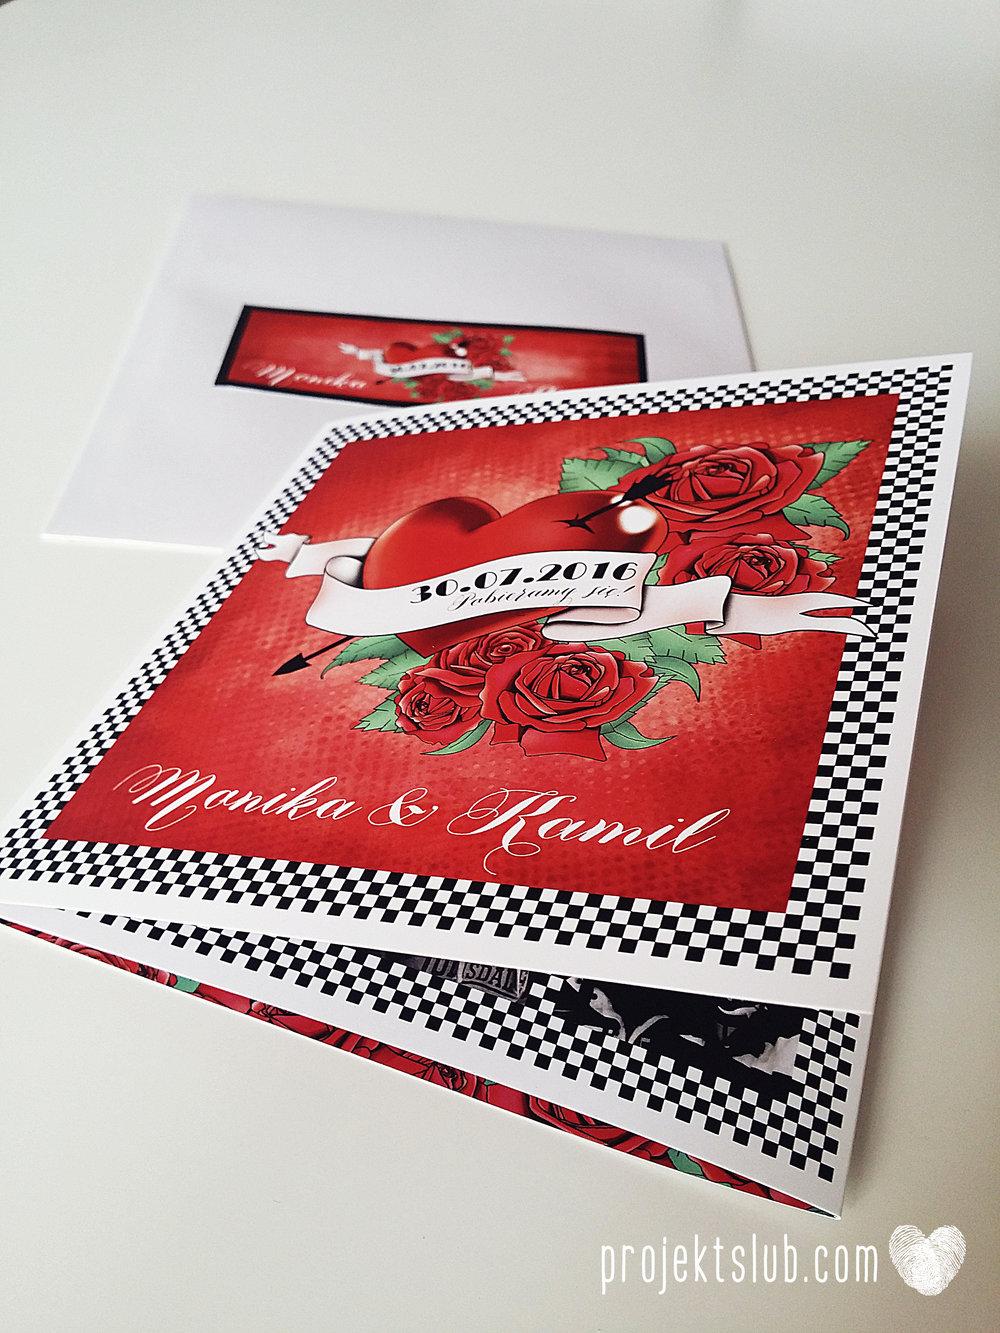 zaroszenie slubne z motywem tatuazu roza czerwony tatuaz serce muzyka ska rockabilly tattoos wedding projekt ślub  (3).jpg